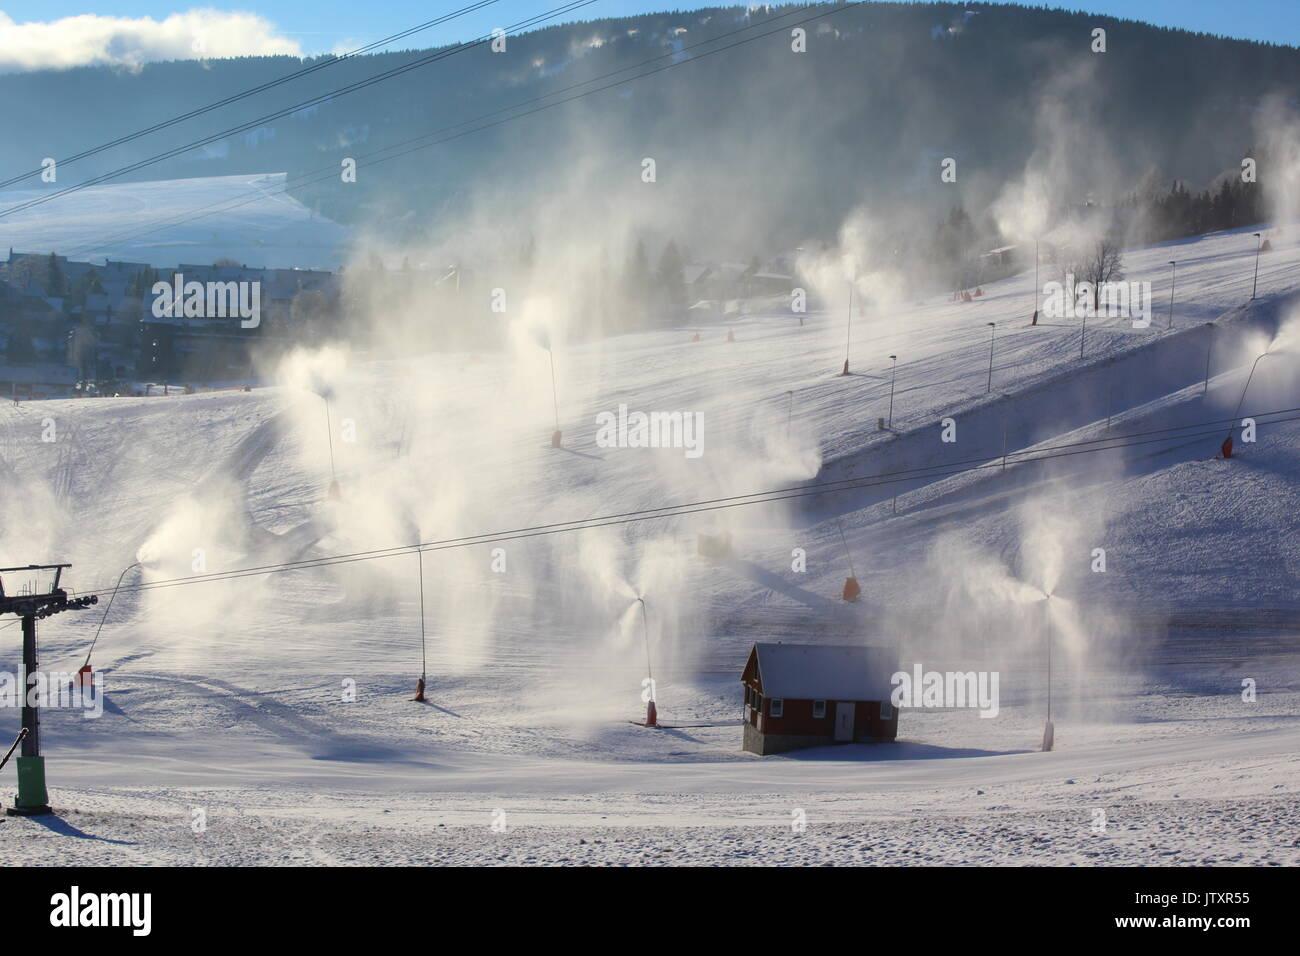 Beschneiung mit Schneekanonen und Schneelanzen bei Ski Resort in Oberwiesenthal, Deutschland Stockbild